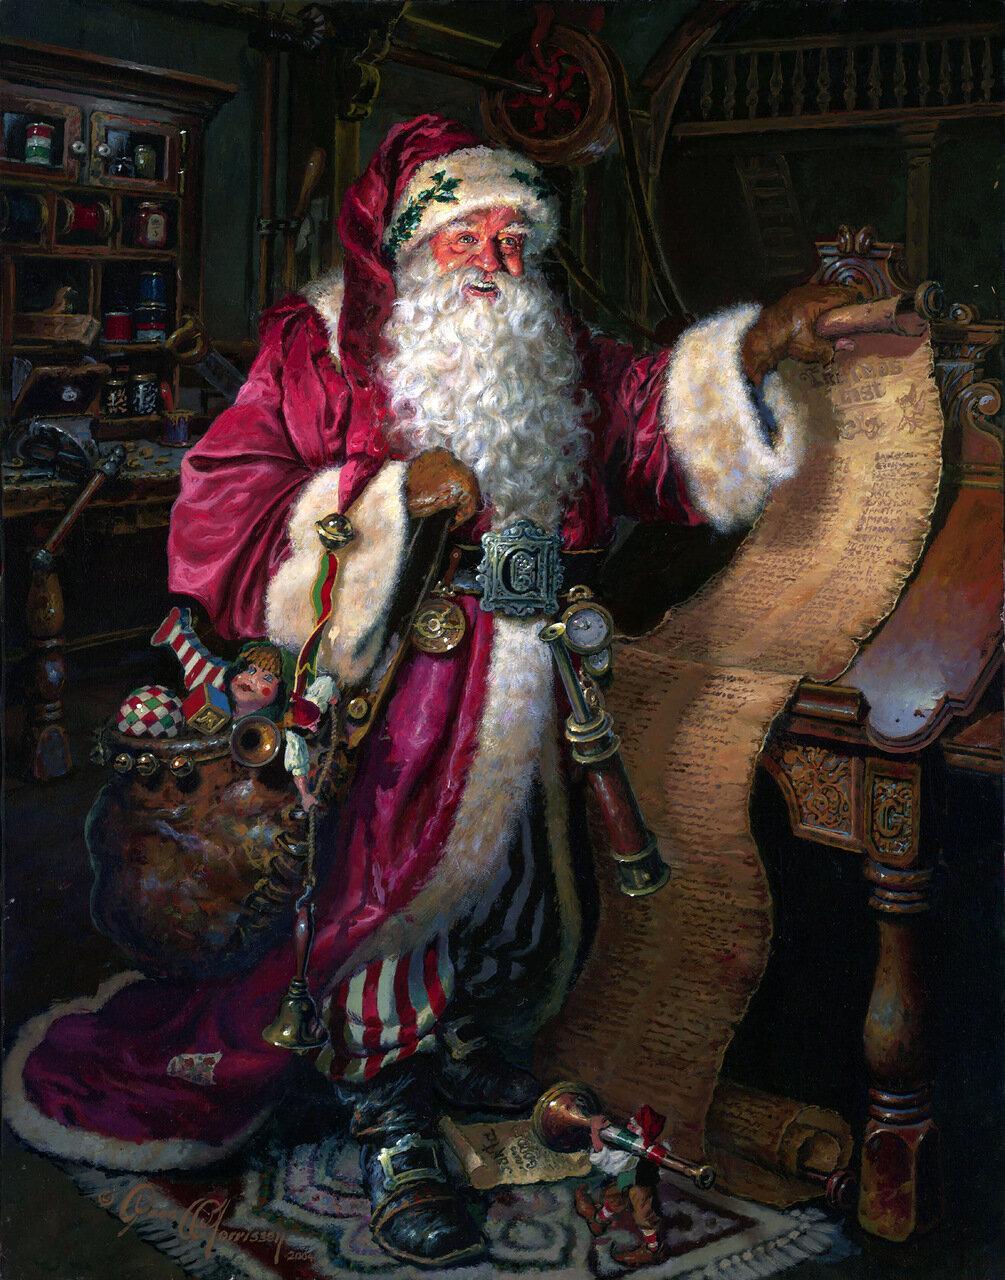 Dean Morrissey | В Новый год мы все немножко дети и наивно верим волшебству..., новогоднее